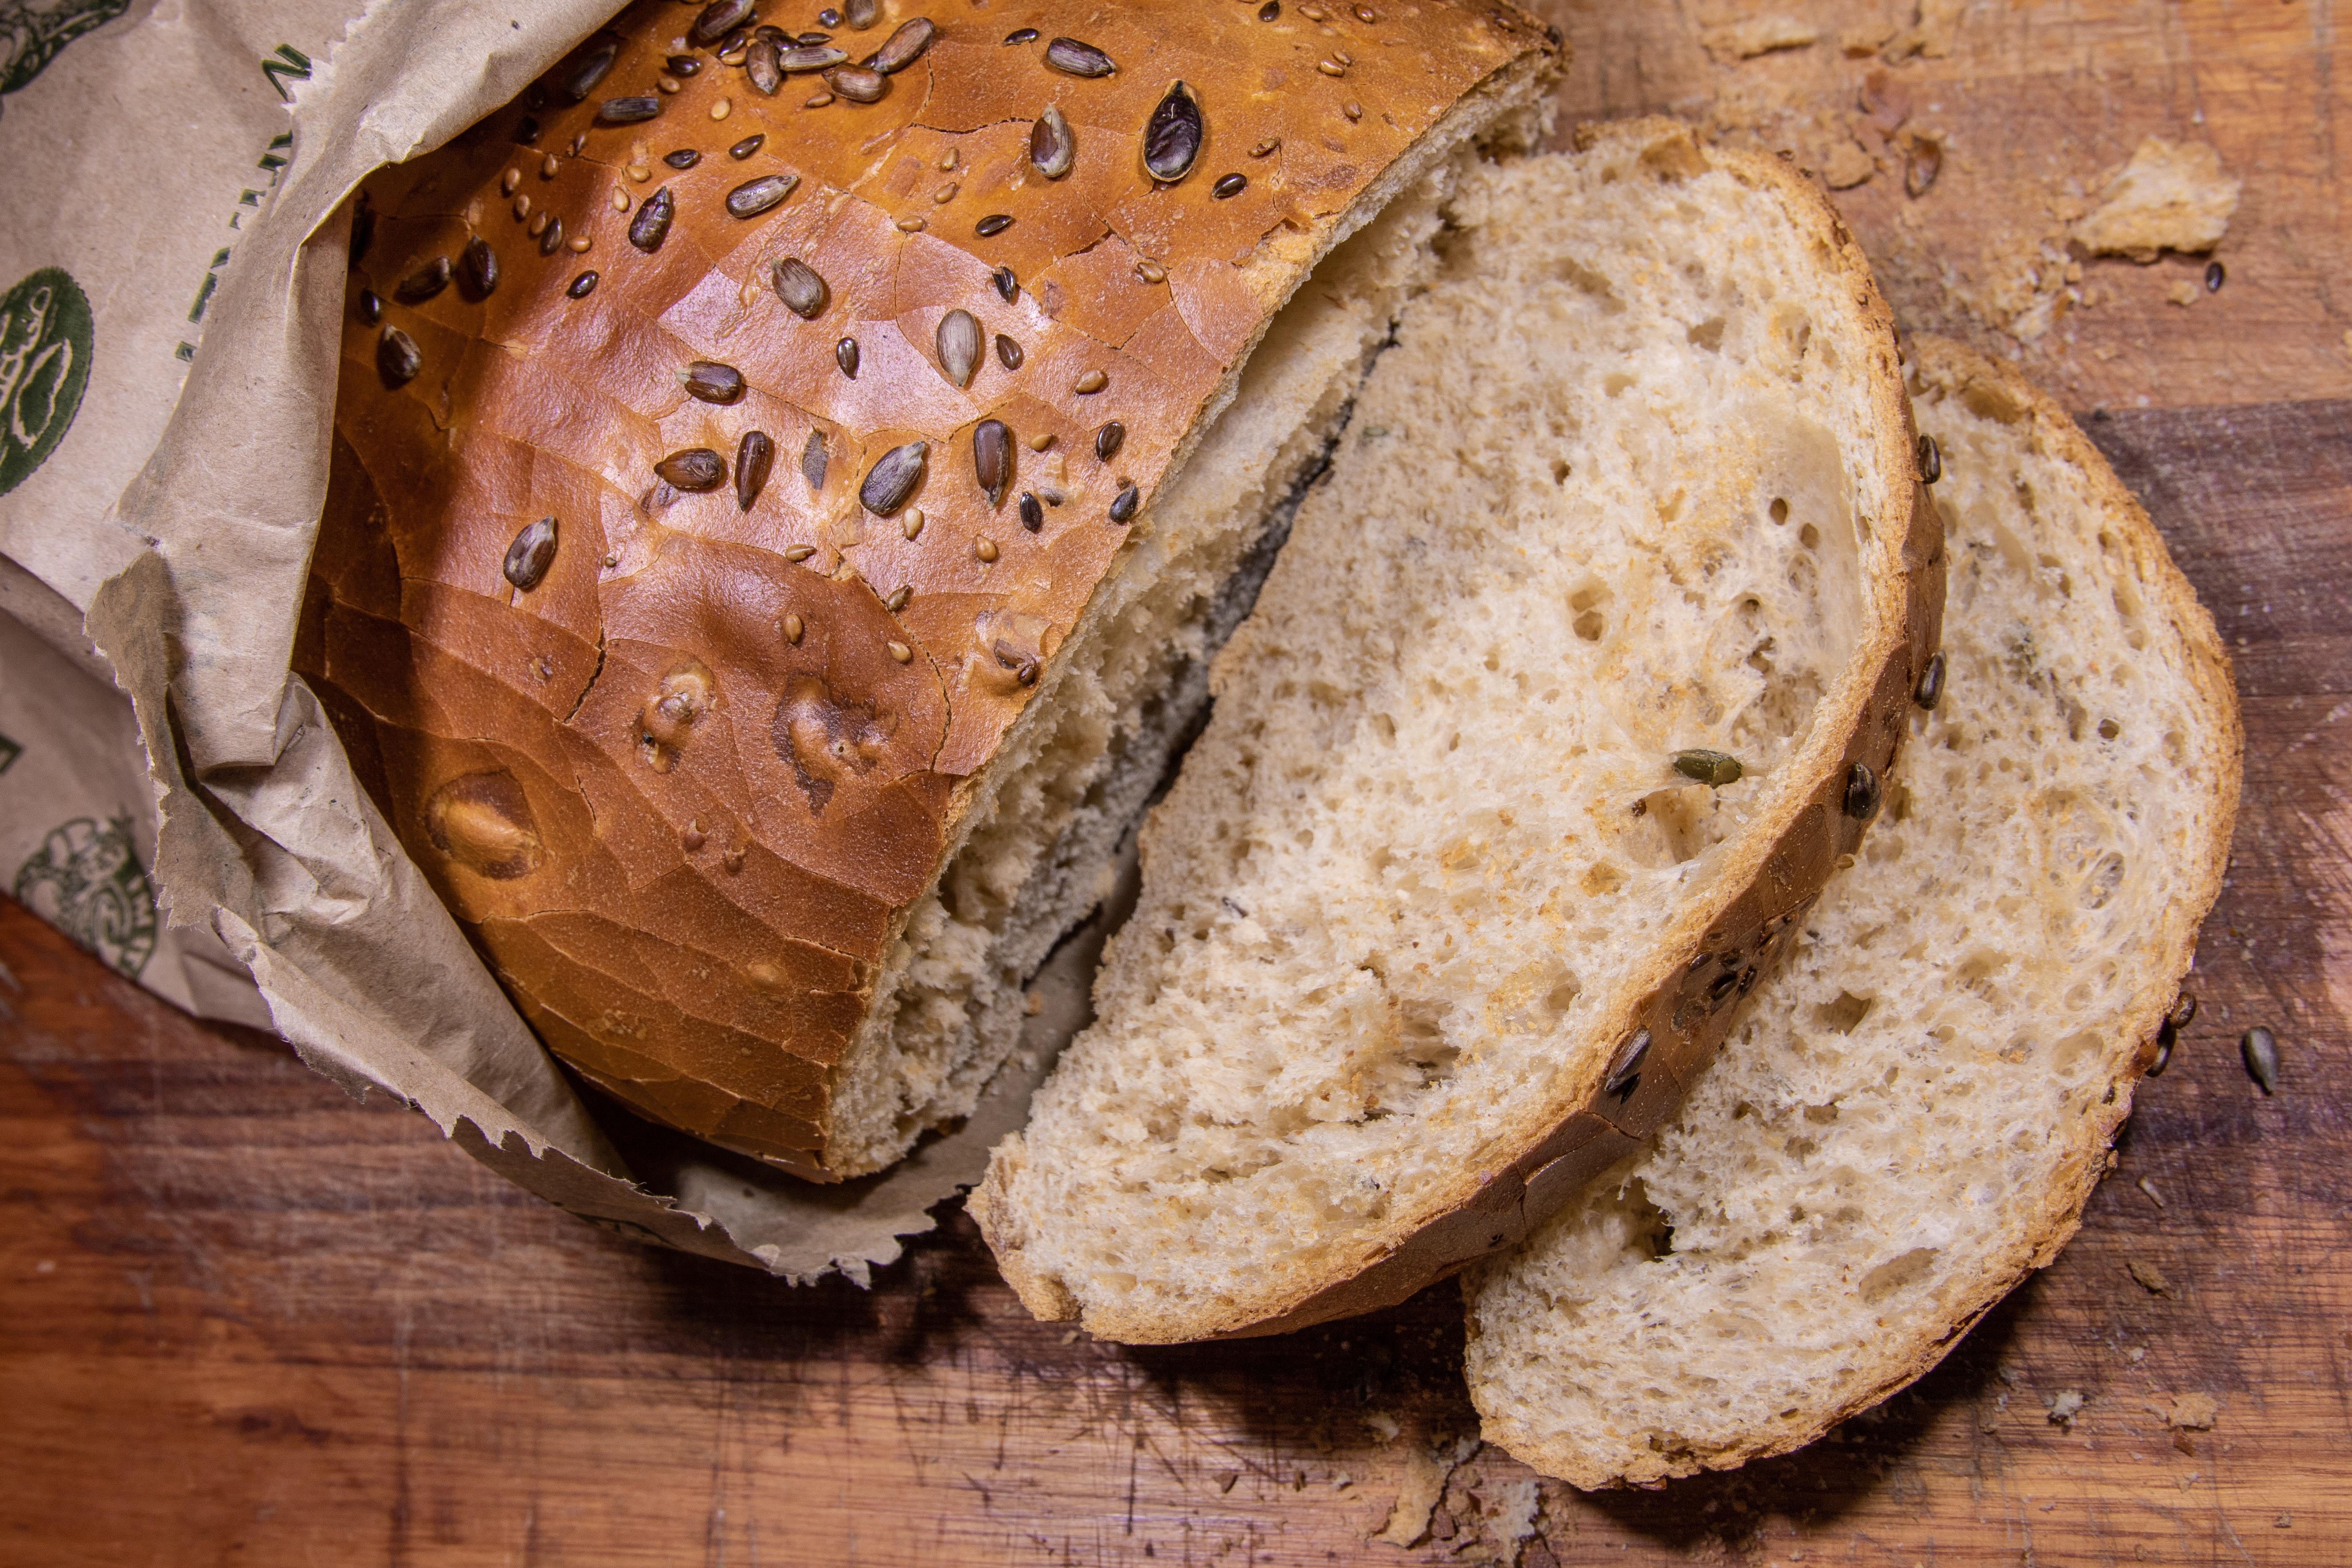 Slices of whole grain wheat bread